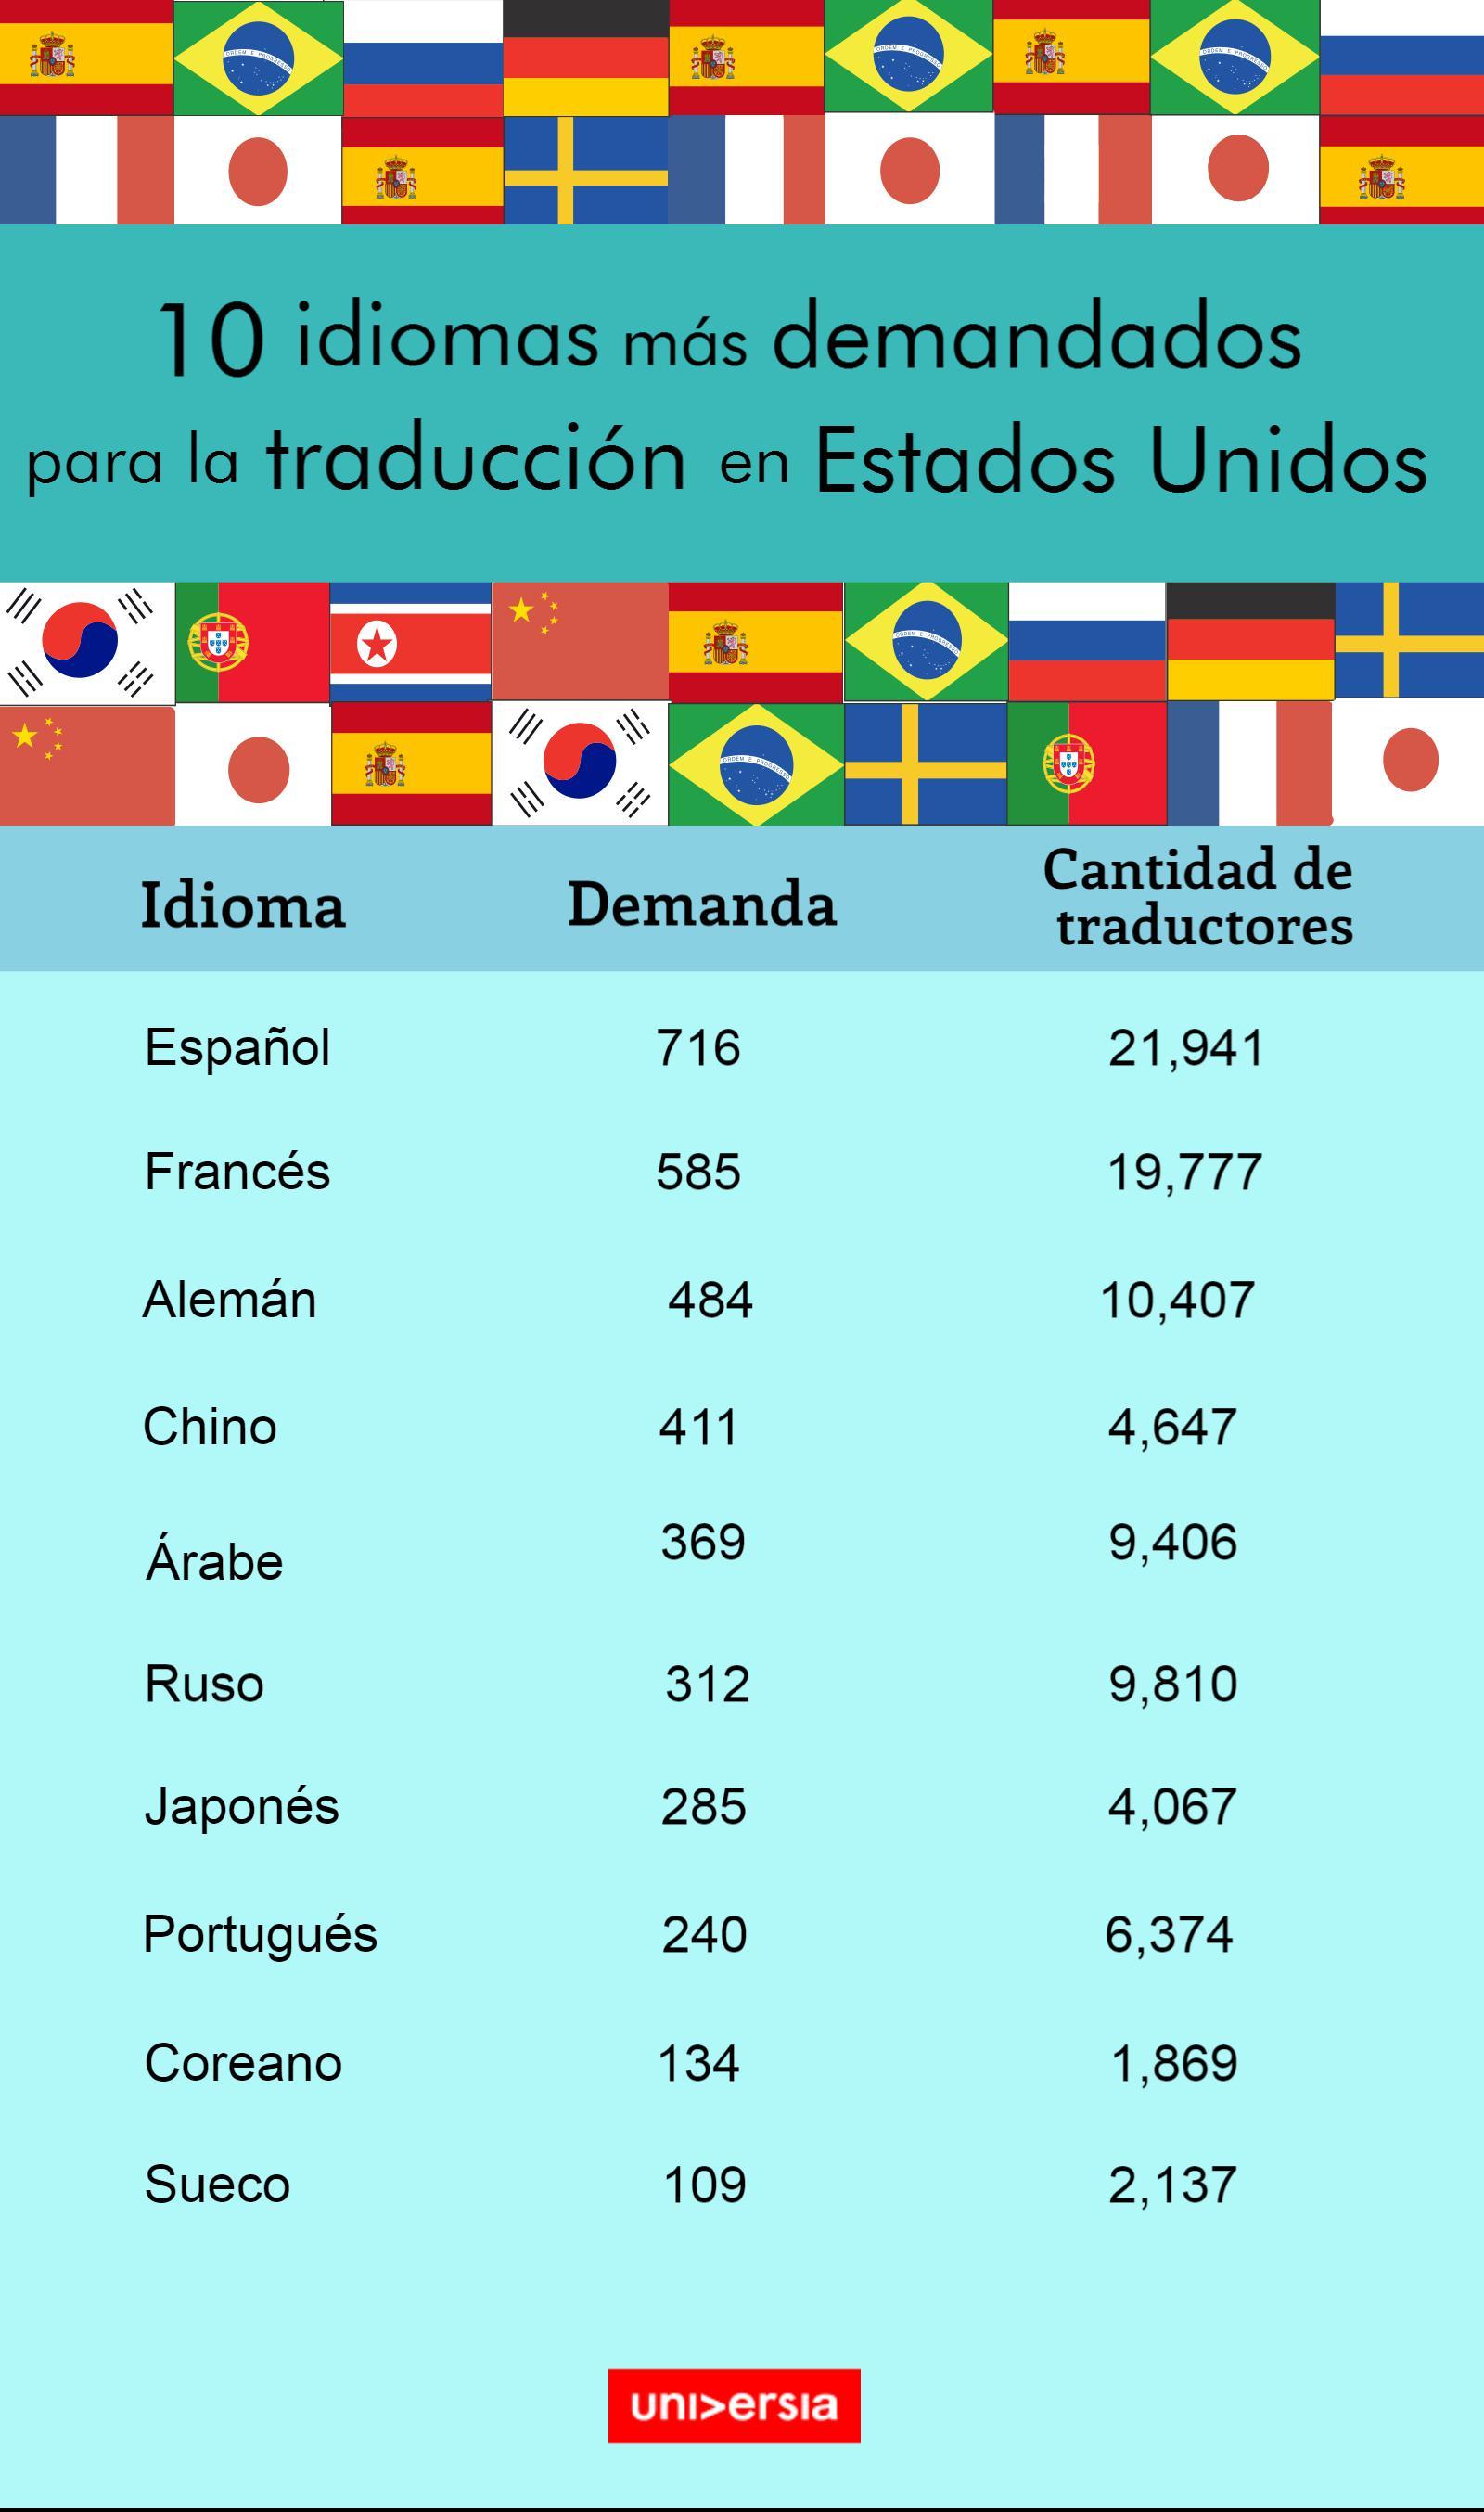 idiomas demandados en EEUU